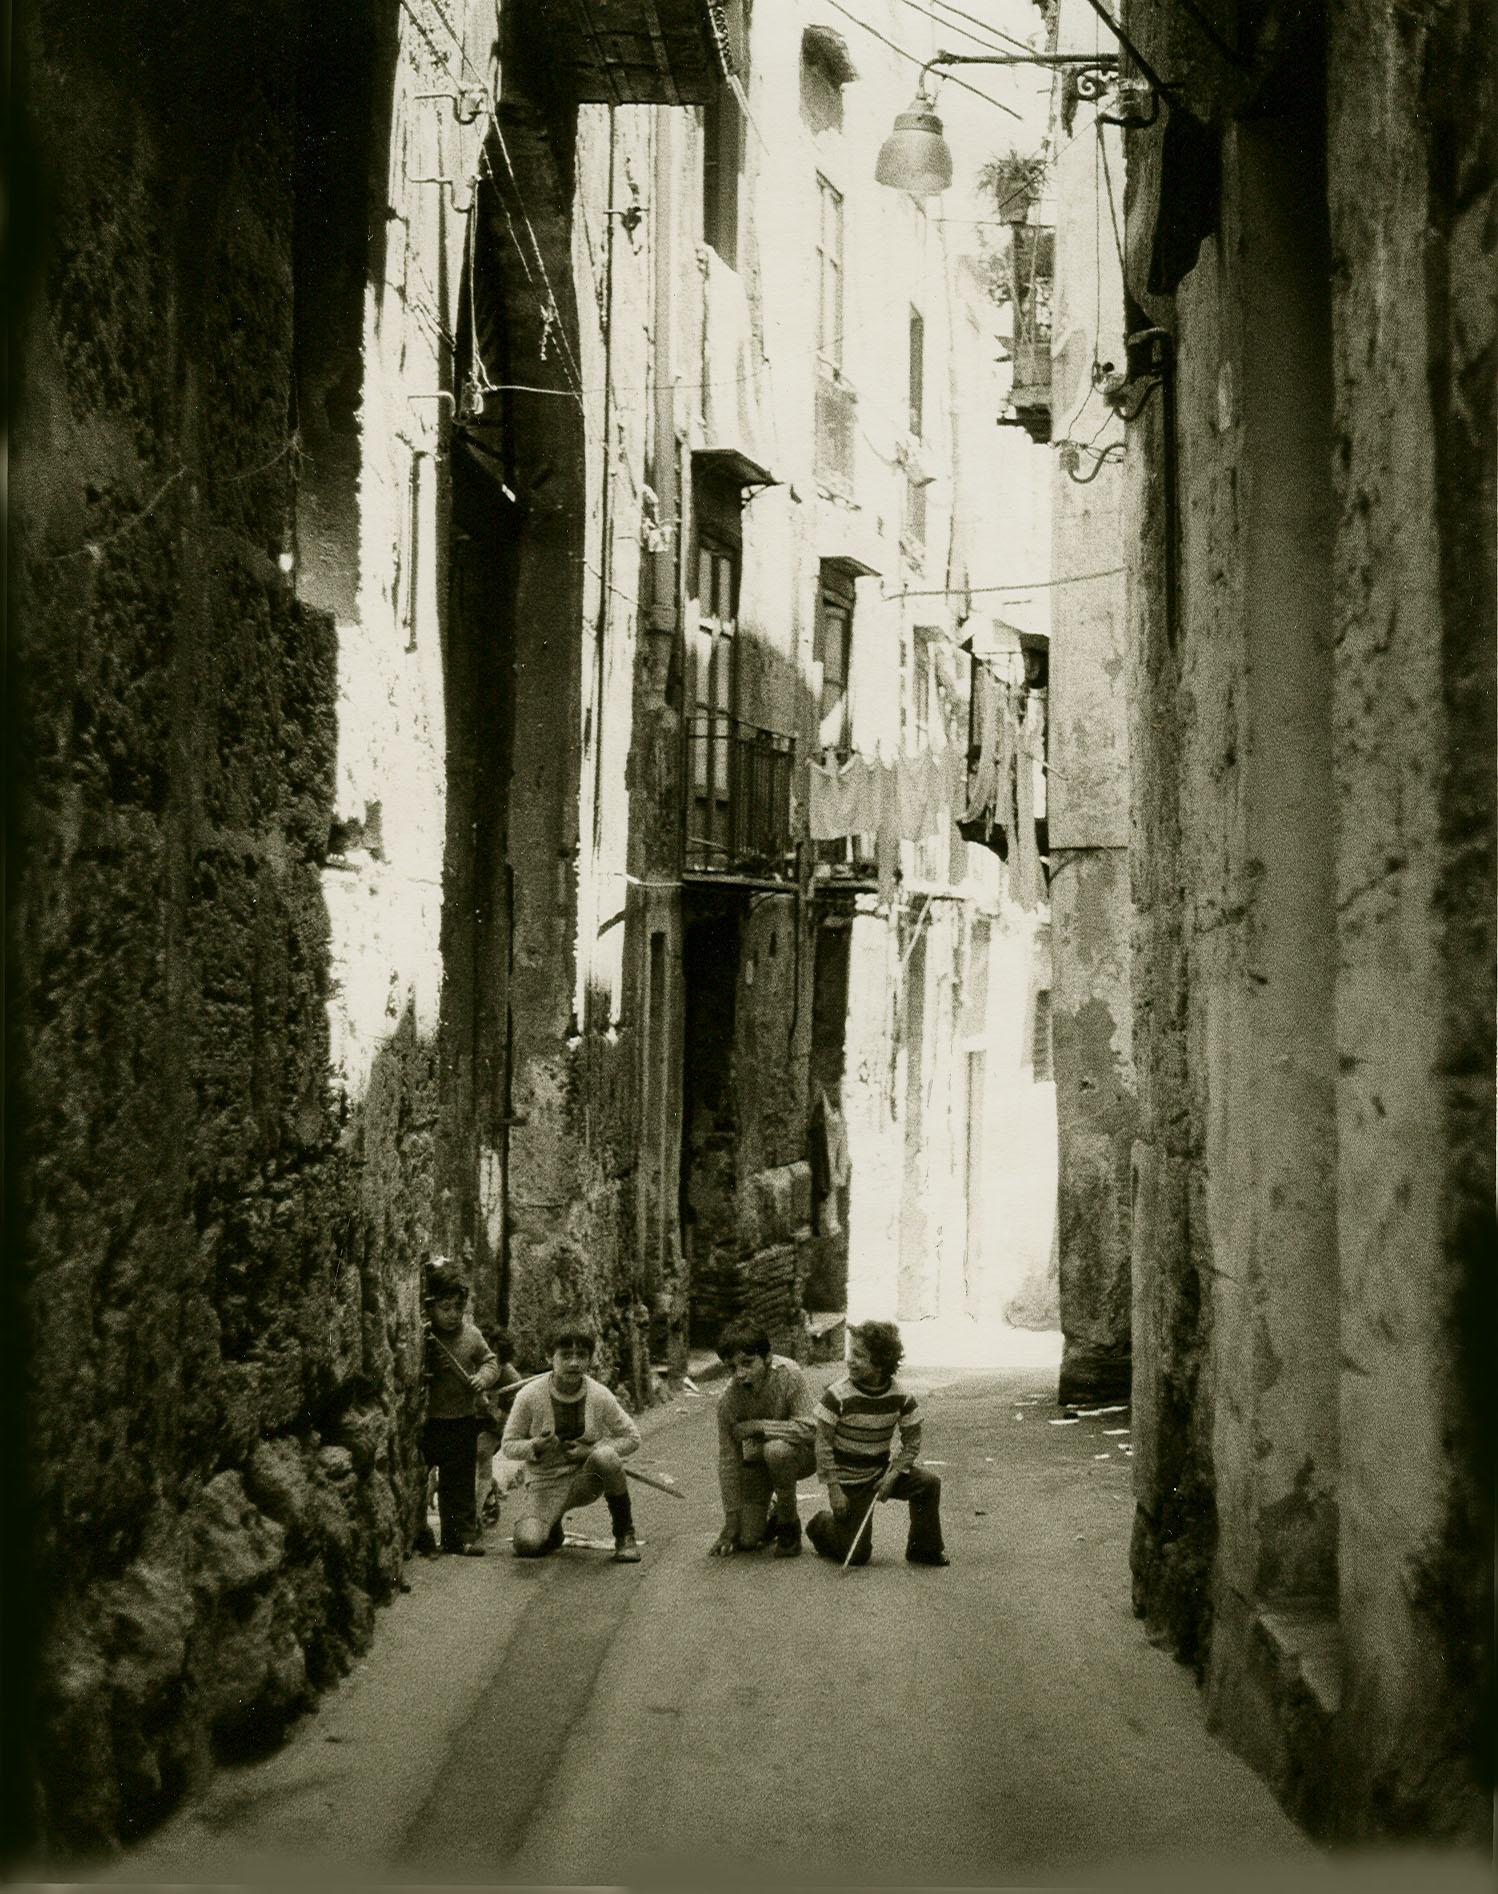 Loren Ellis  Boys Playing War in Sicily Itlay 10 by 8 1974.jpg